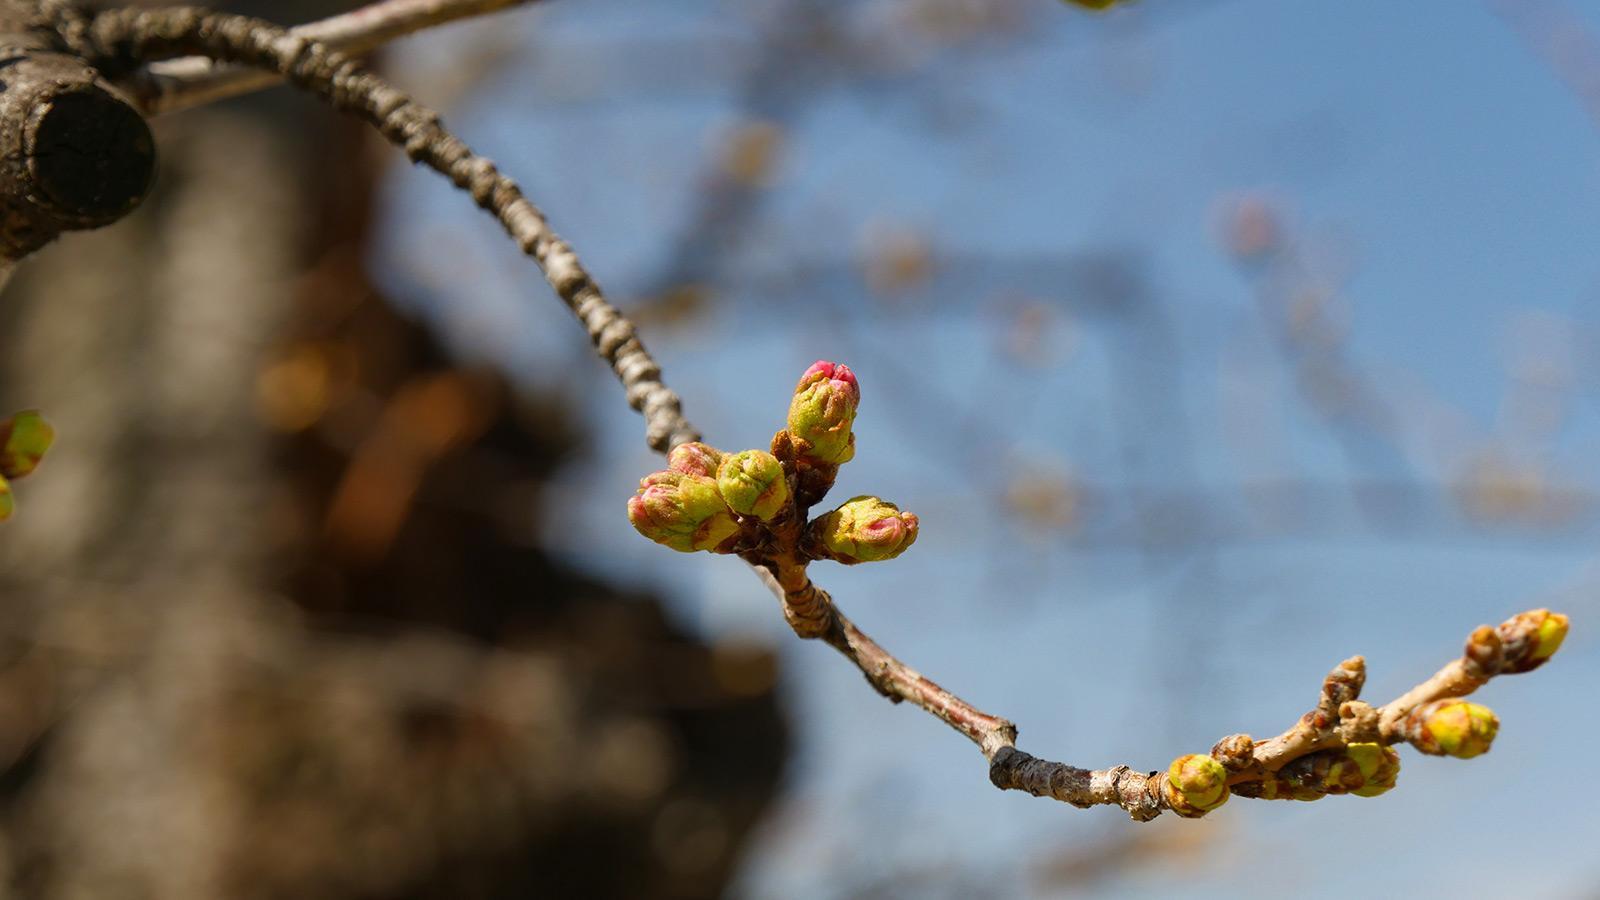 気温推移にもよりますが、今週には咲き始めるでしょうね。